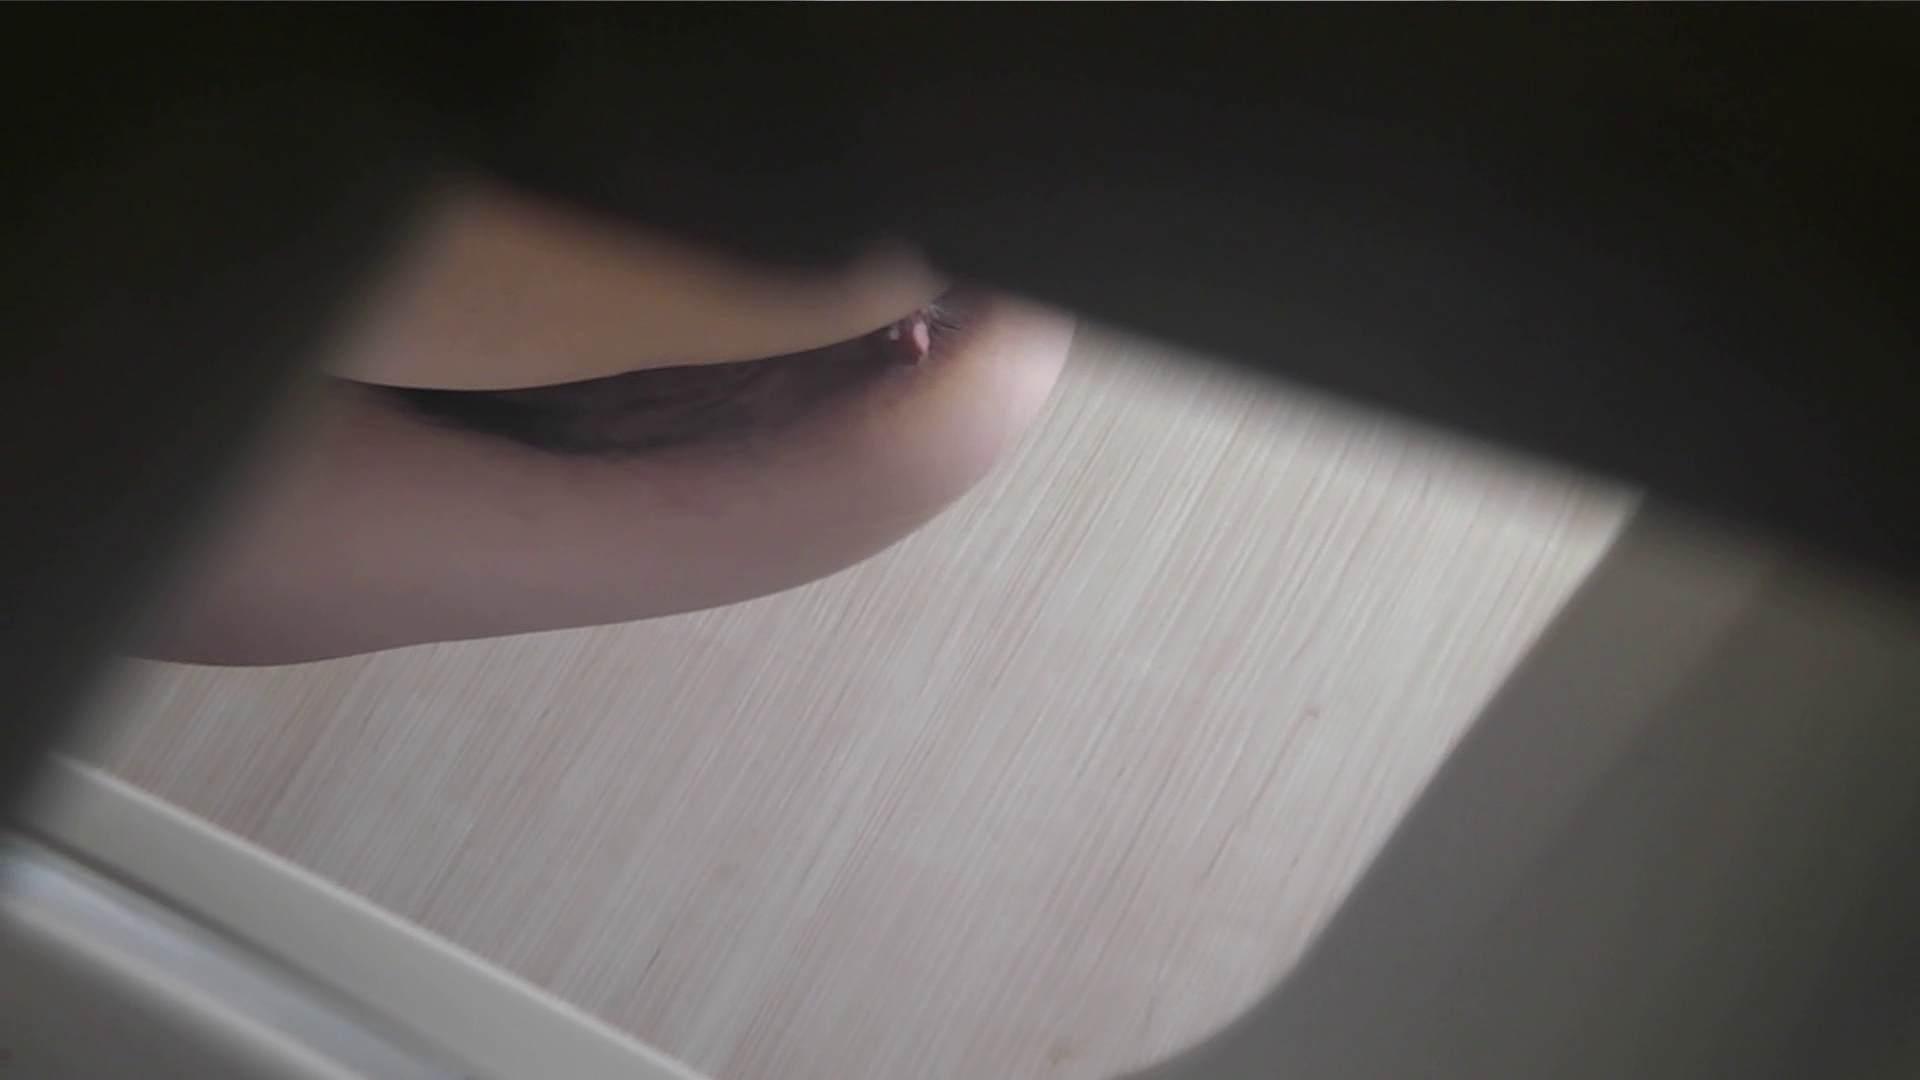 阿国ちゃんの「和式洋式七変化」No.18 iBO(フタコブ) 洗面所  112pic 14